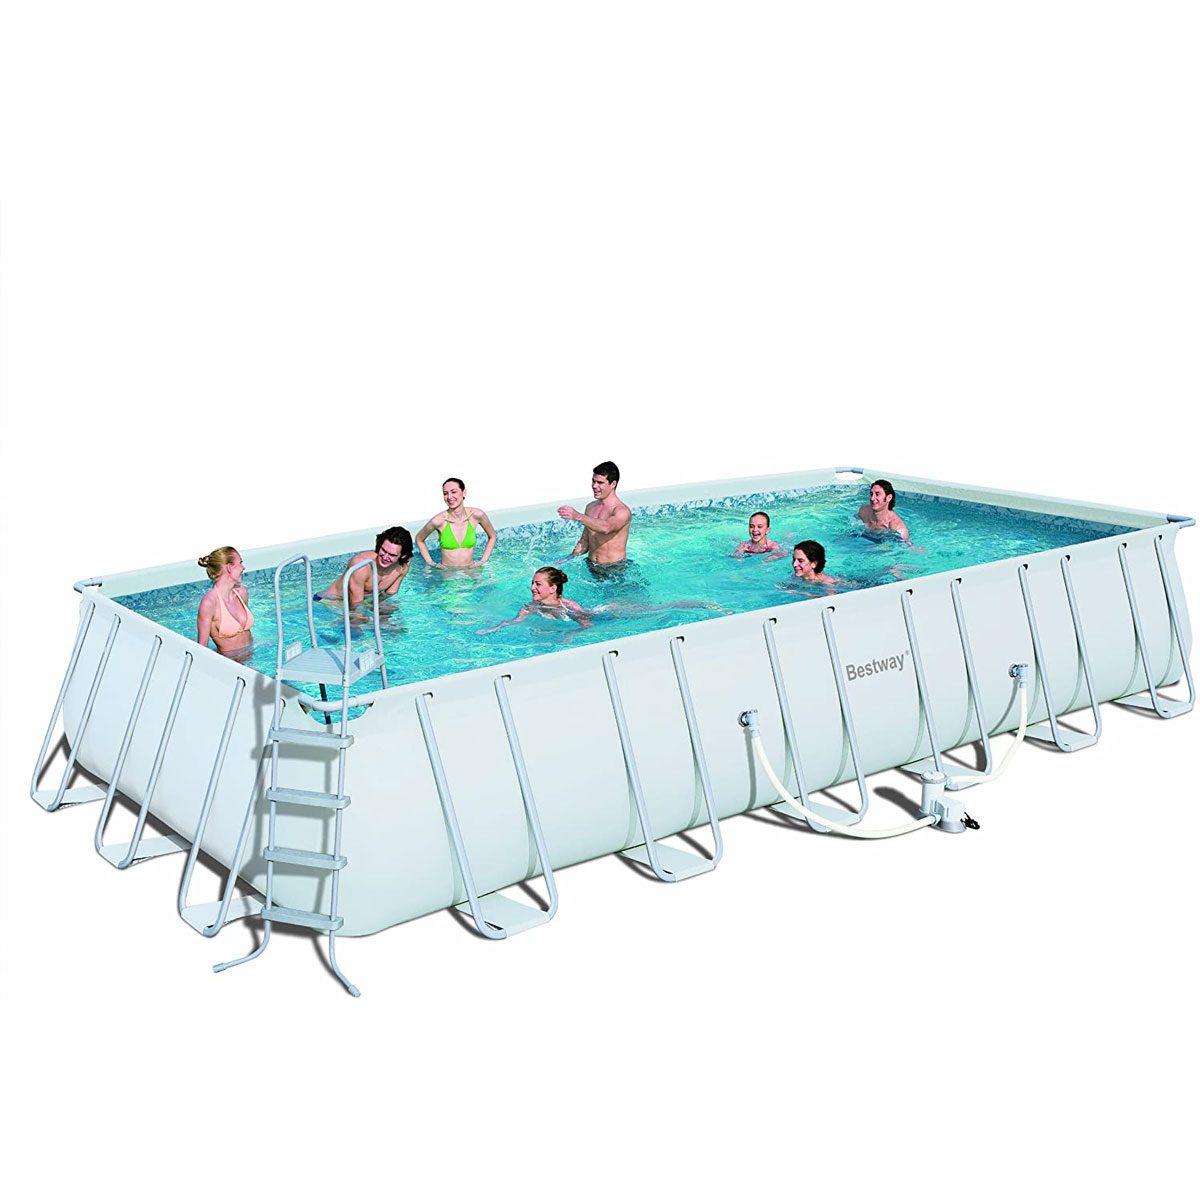 Splurge pool